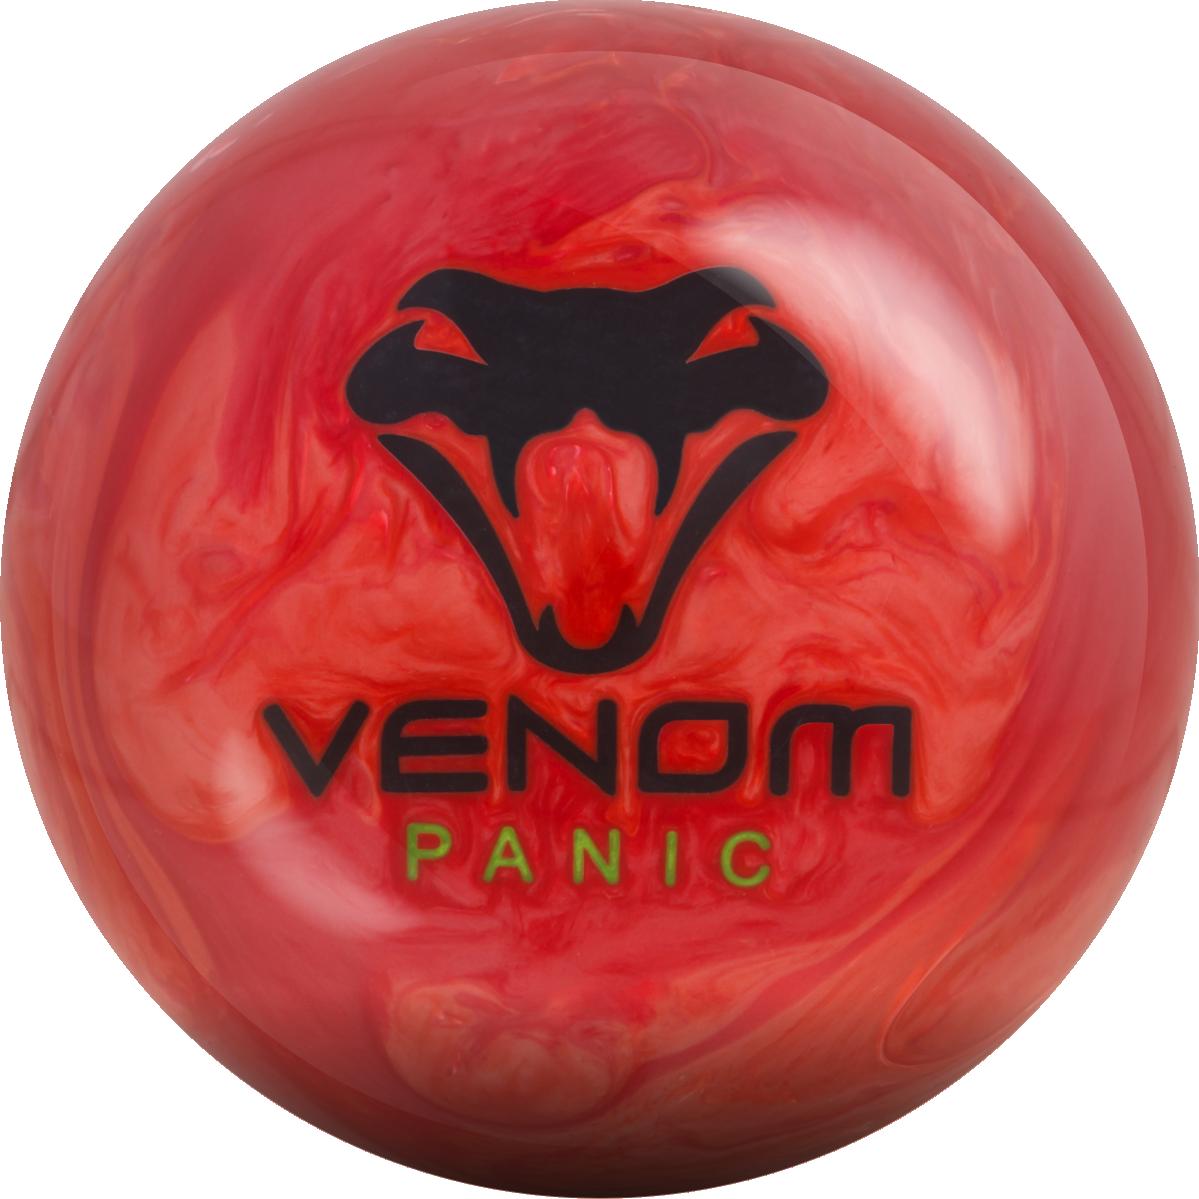 Venom Panic Motiv Bowling